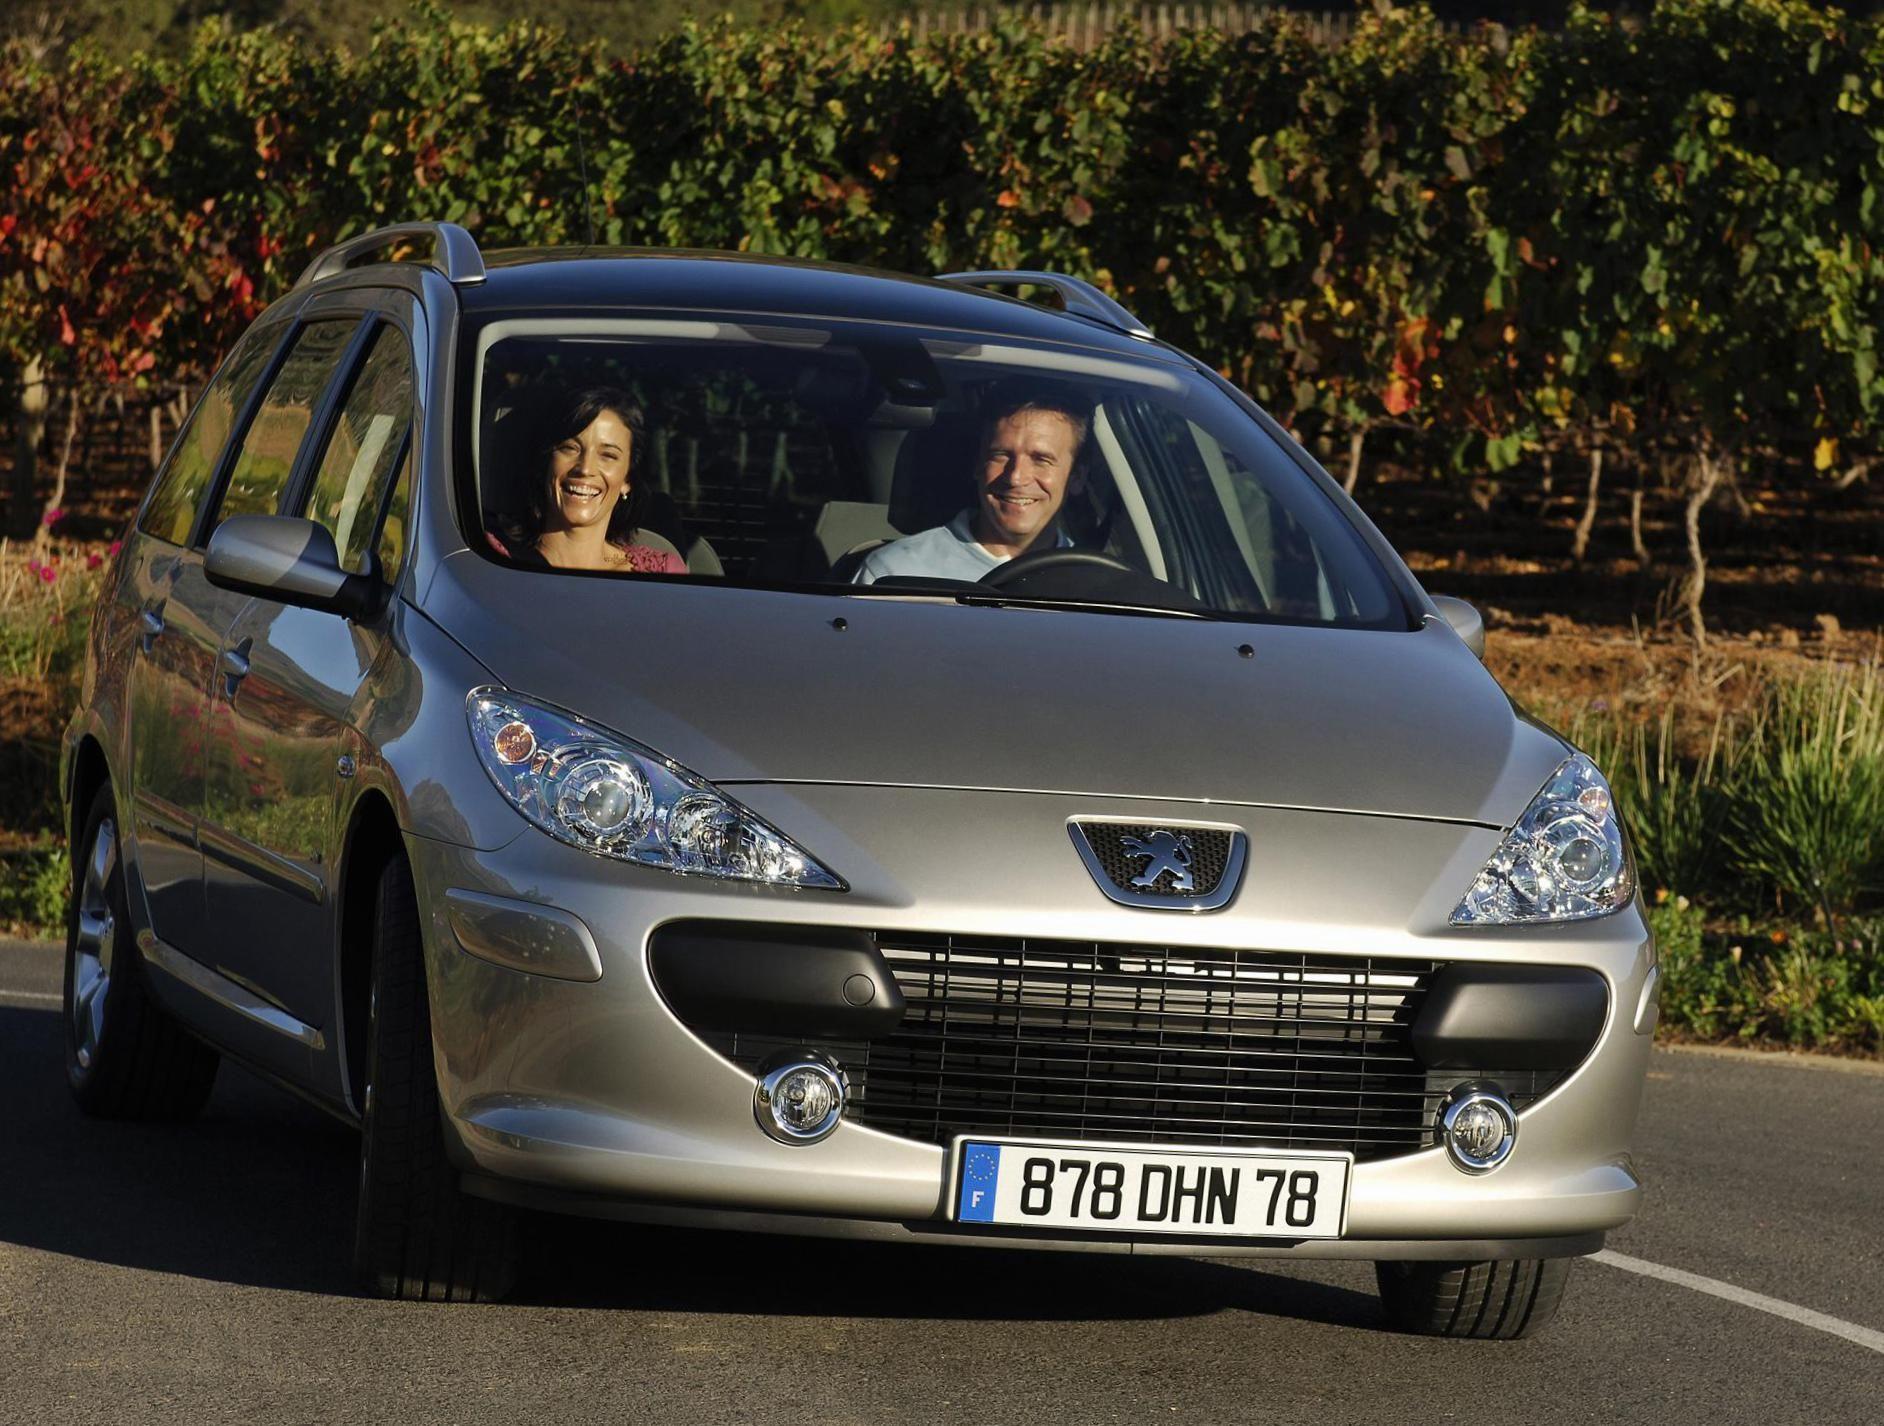 Peugeot 307 Sw Lease Http Autotras Com Peugeot Family Car Car Model